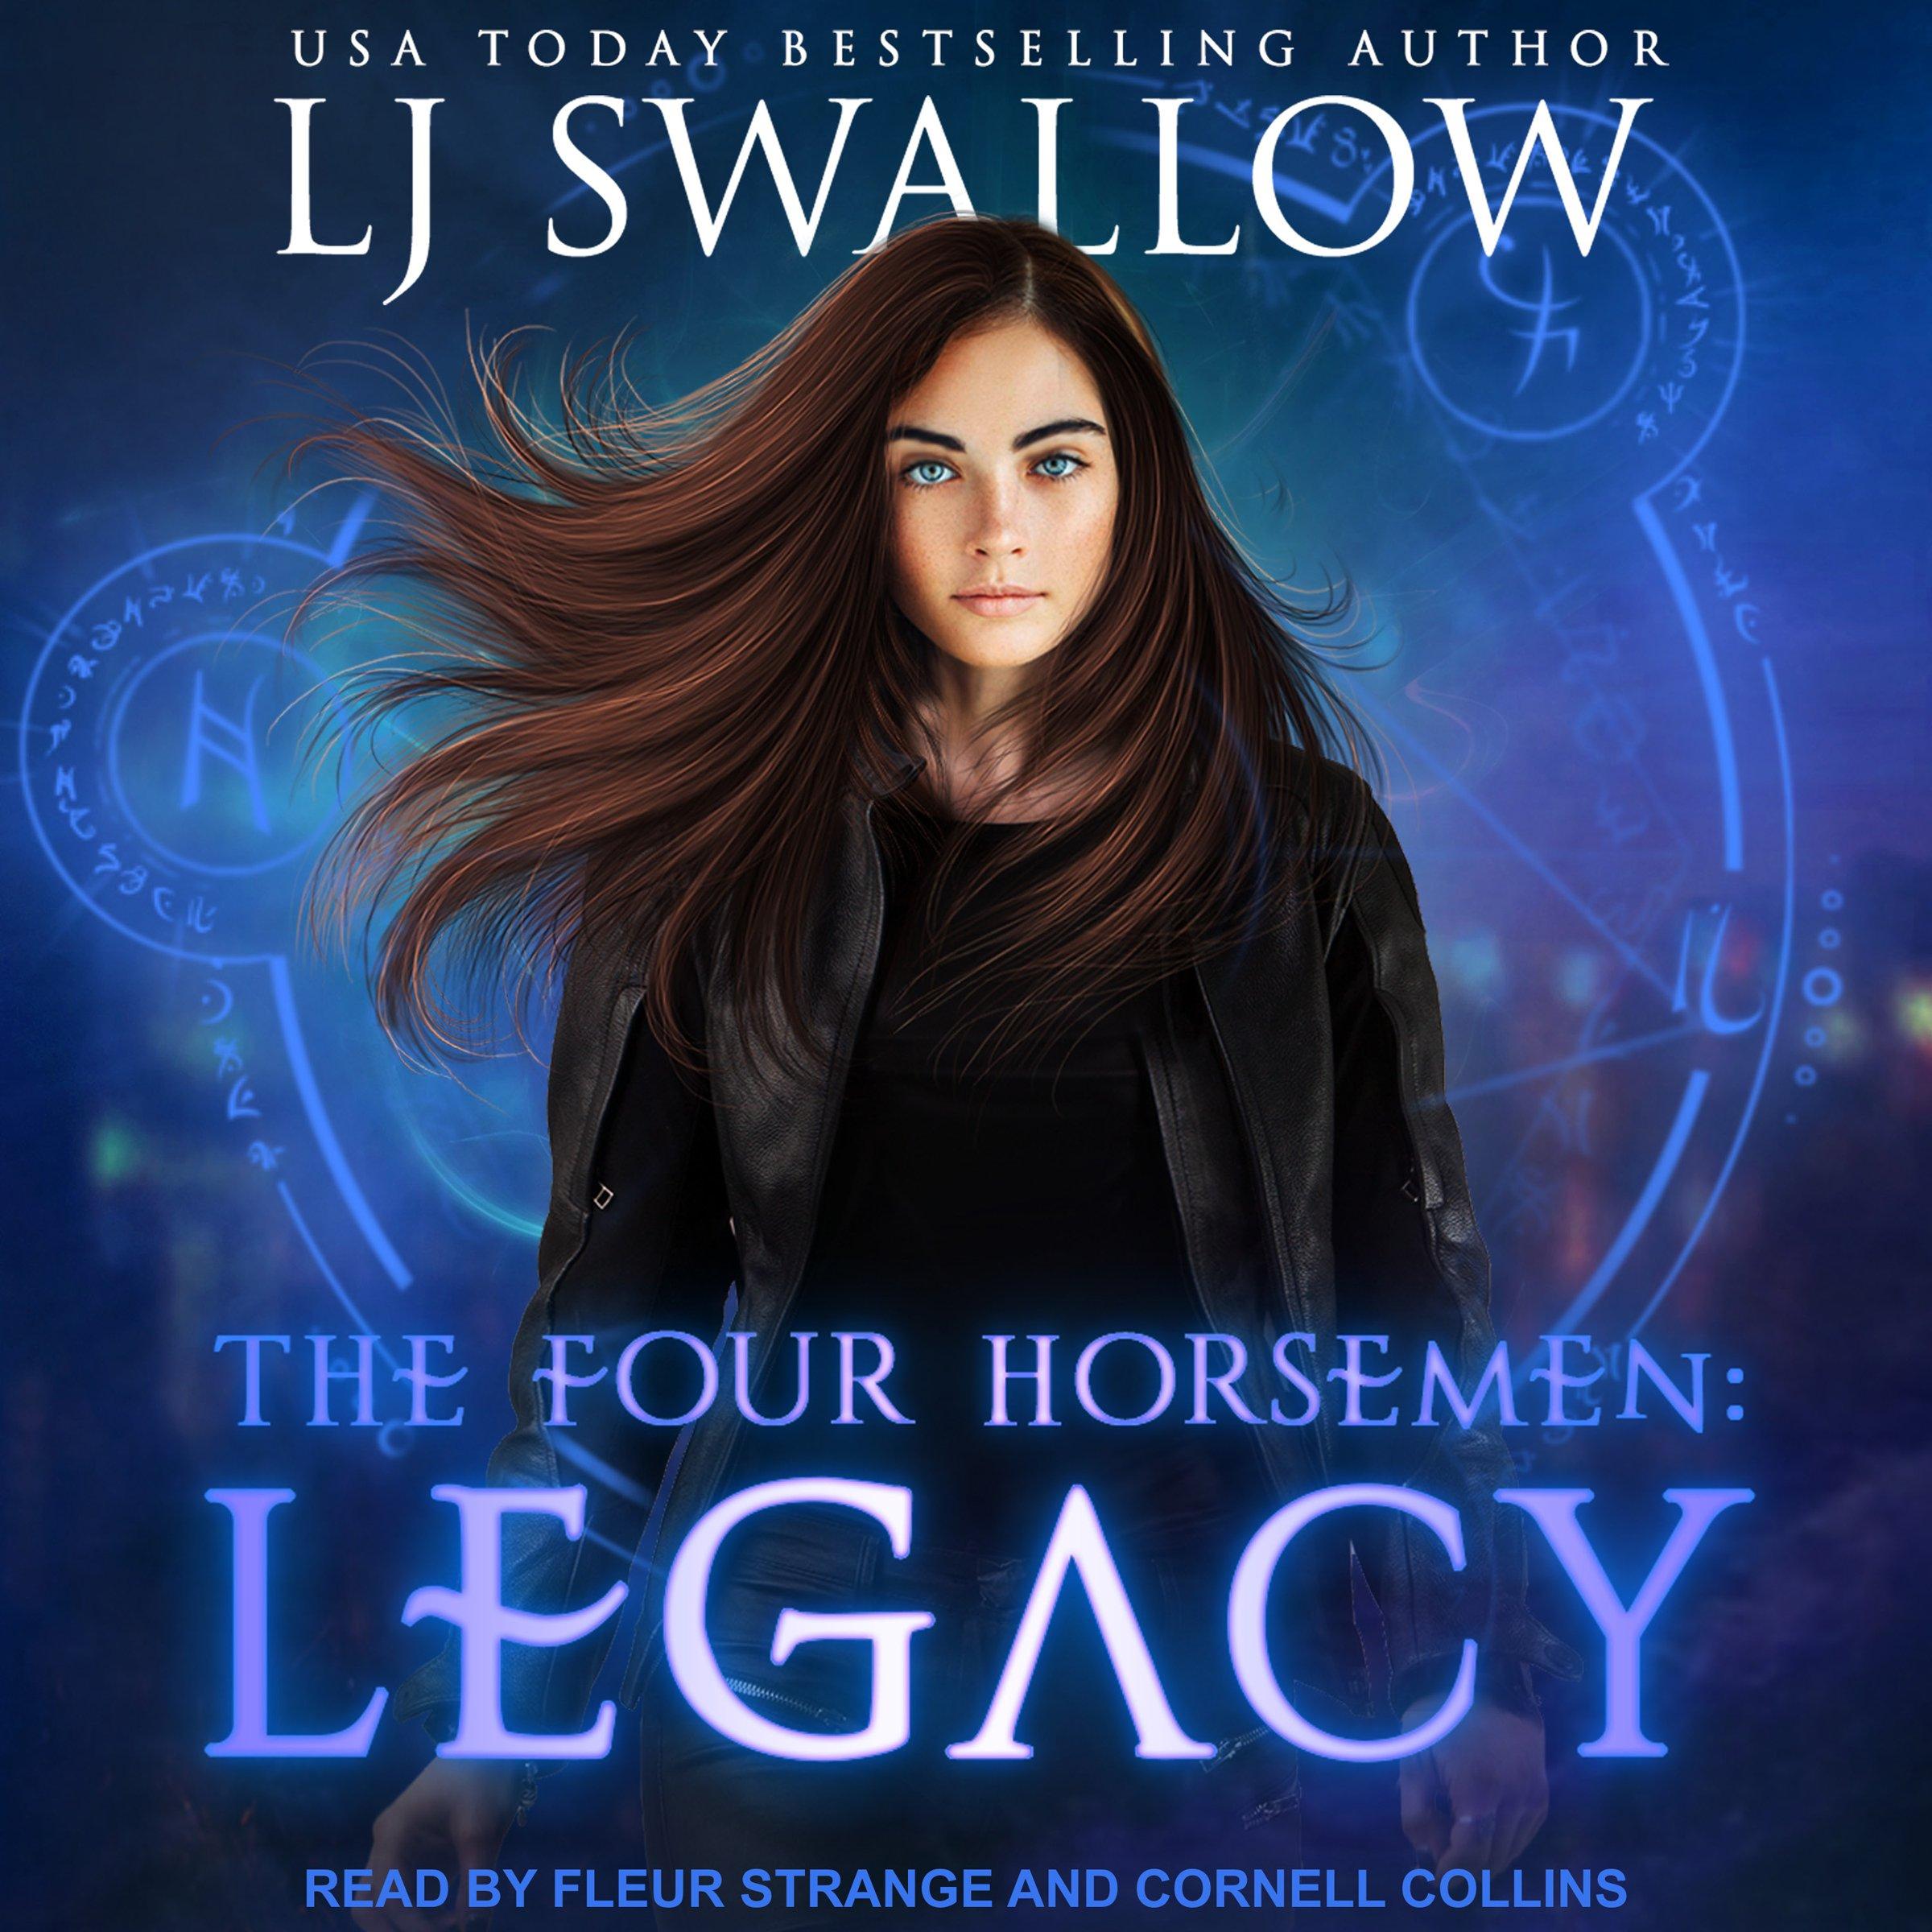 The Four Horsemen: Legacy: Four Horsemen Series, Book 1